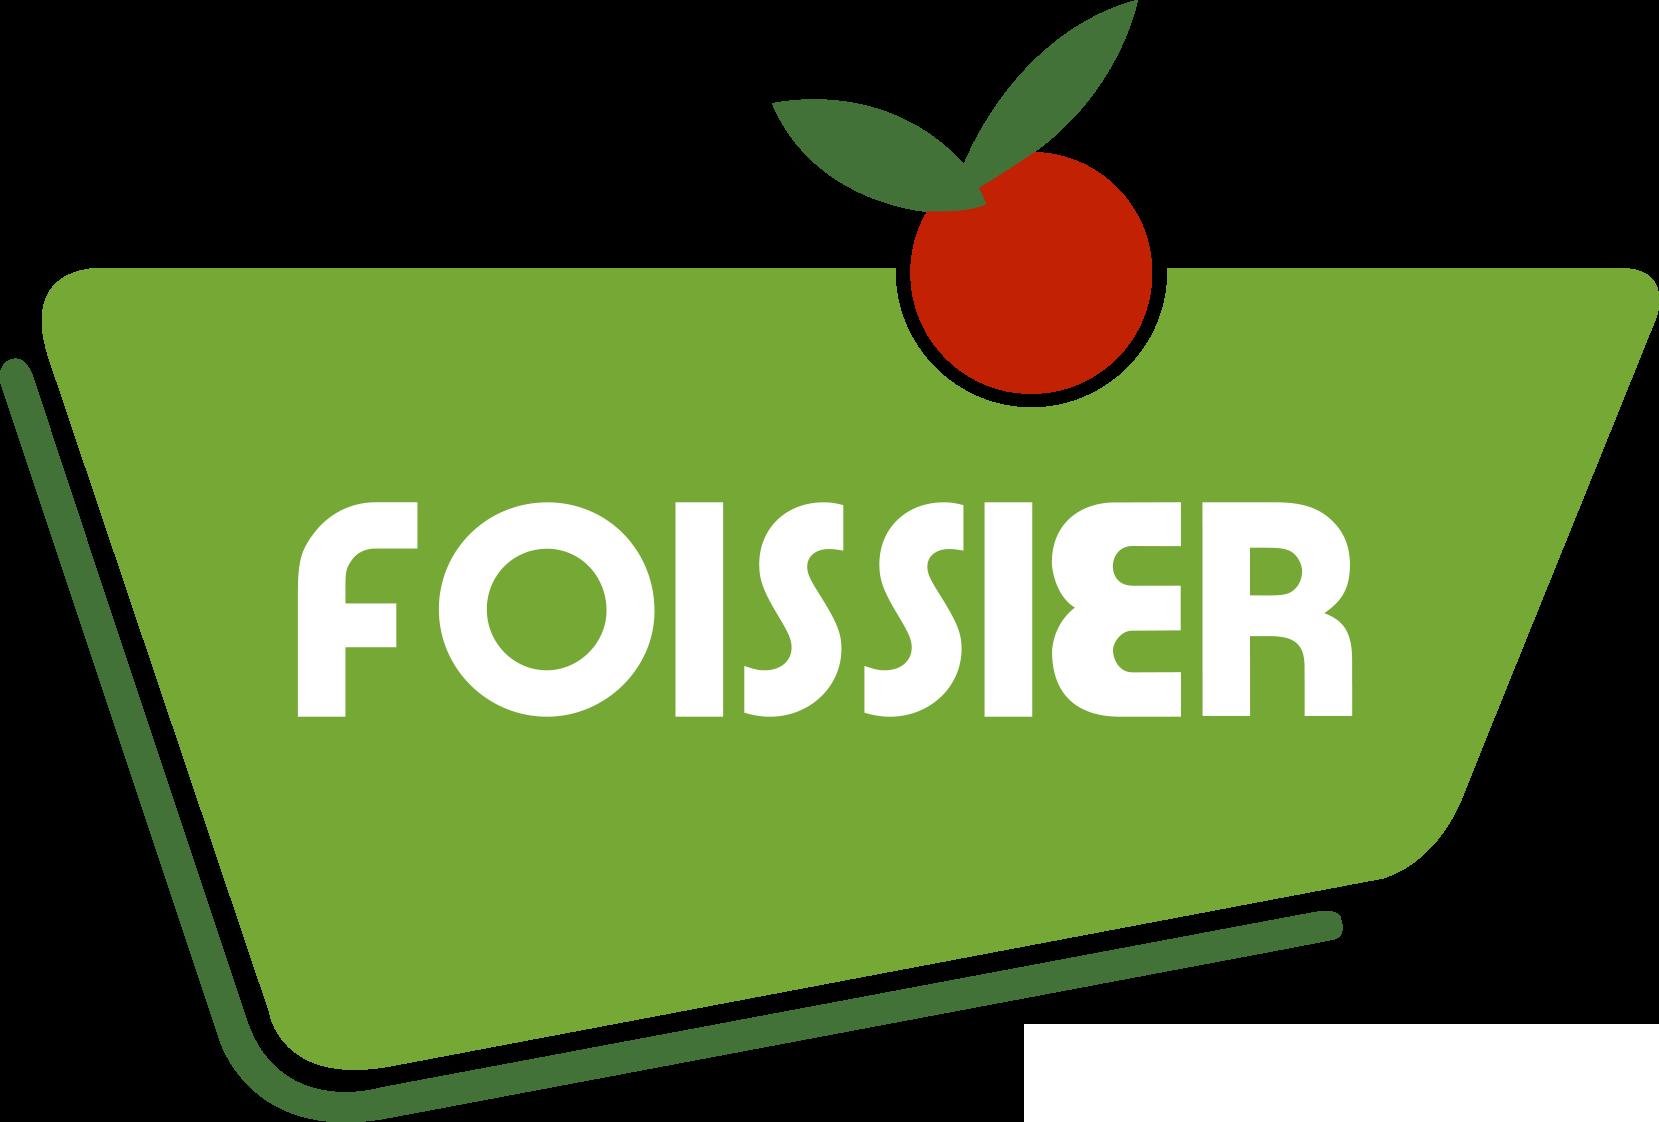 Foissier_RVB